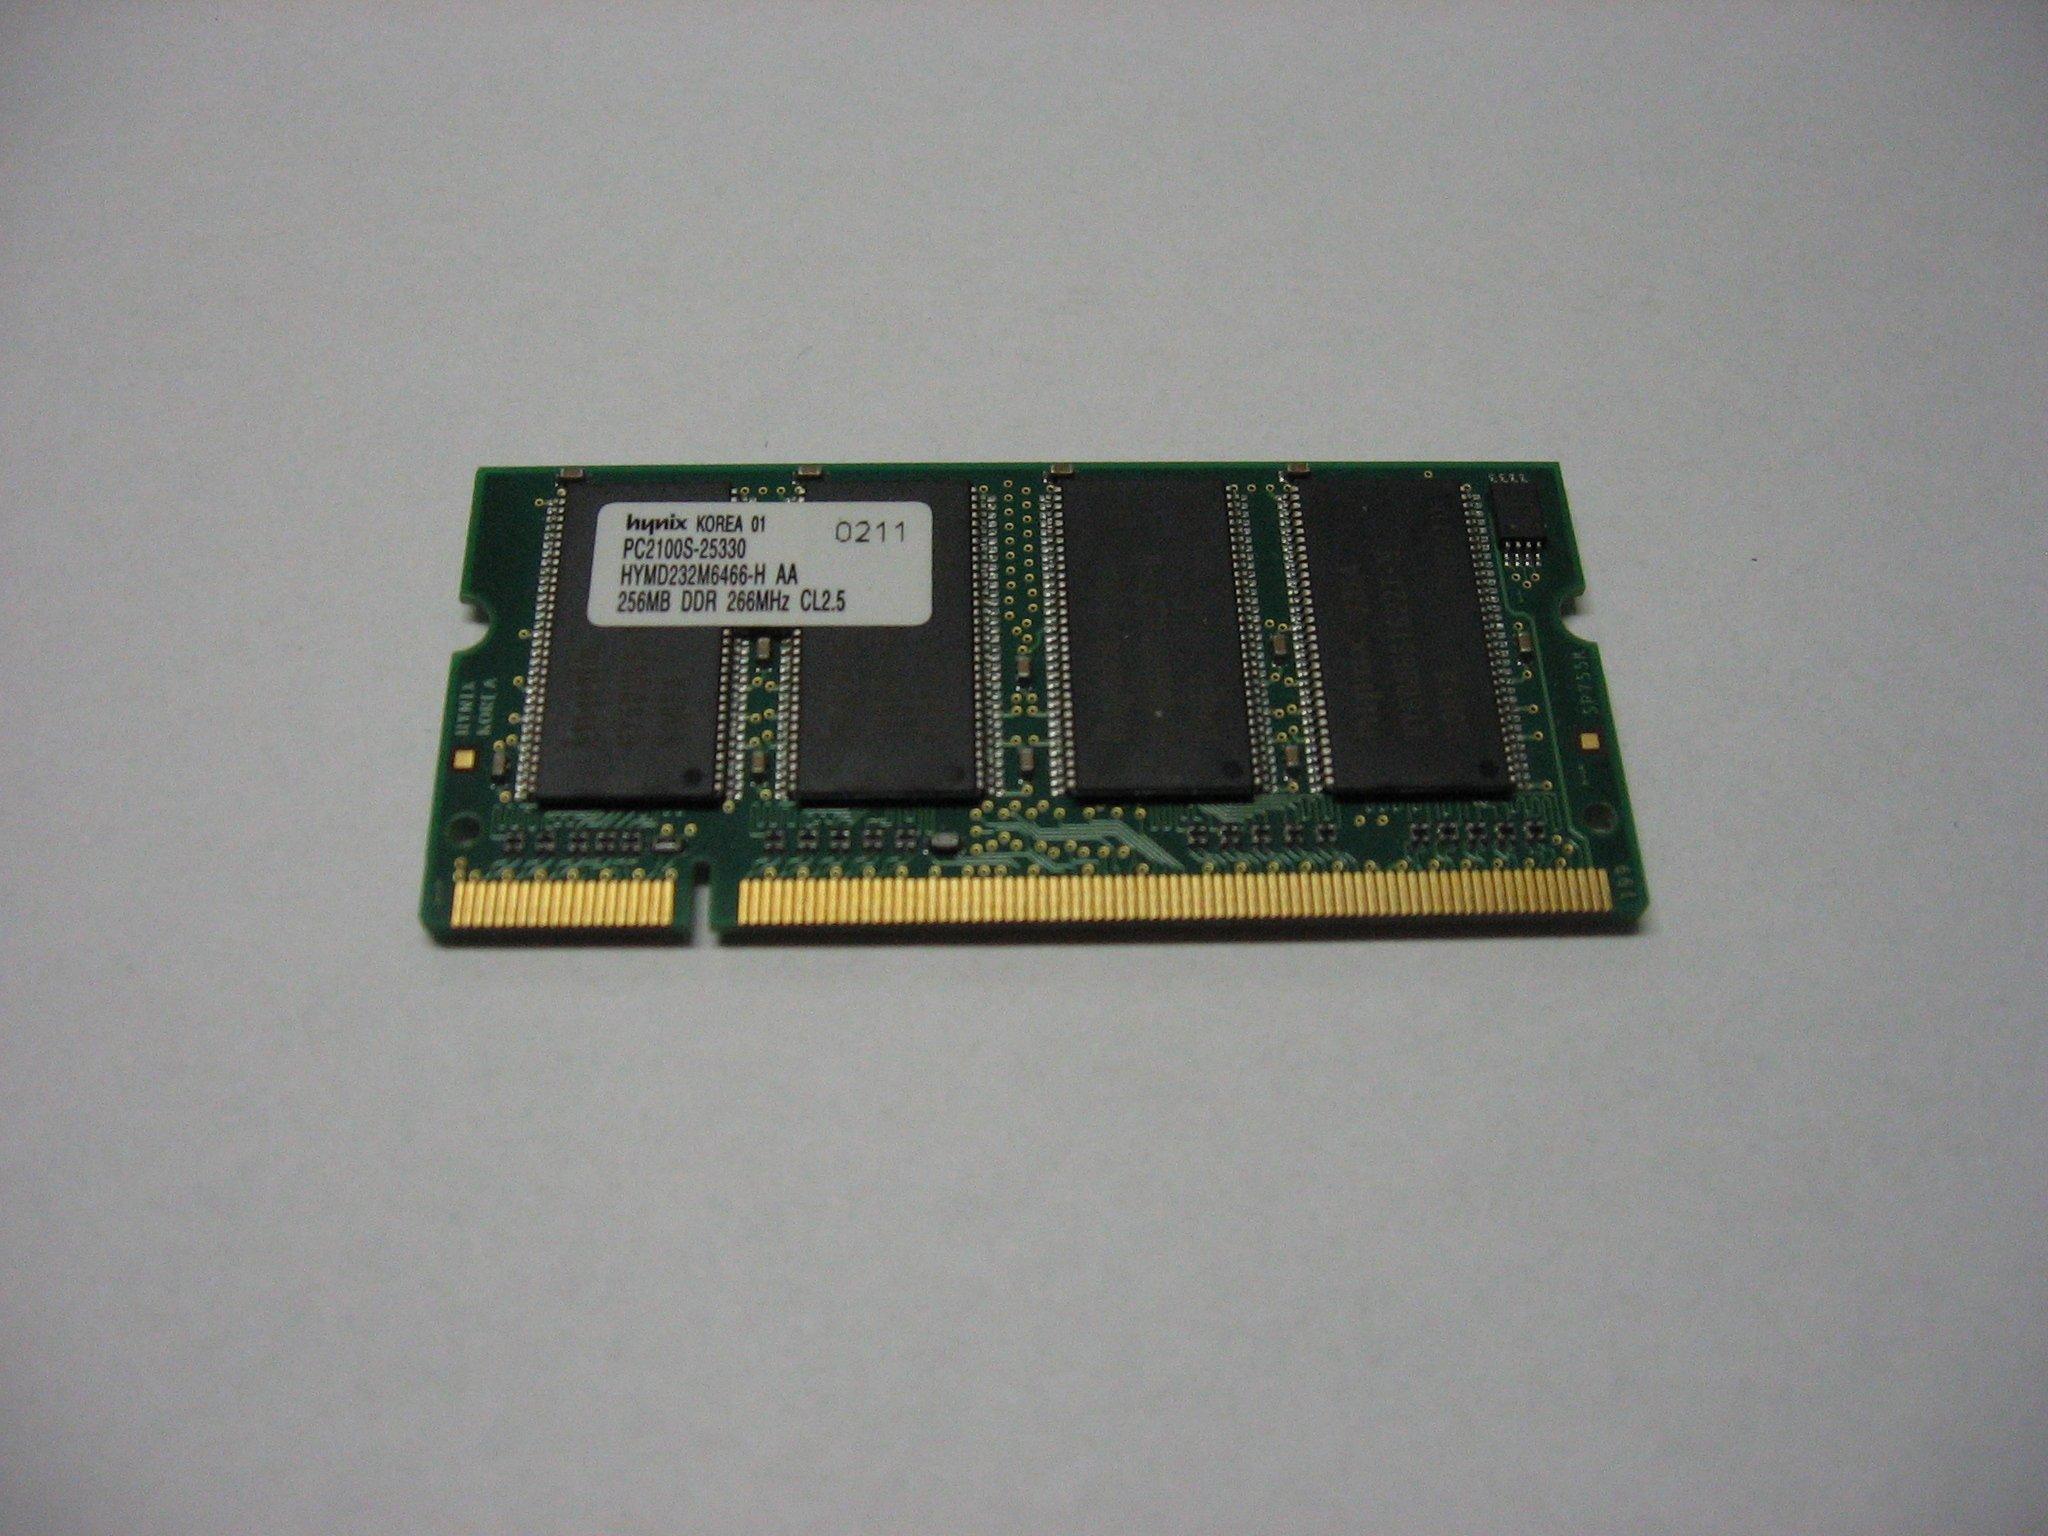 Pamięć RAM PC2100S-25330 DDR 256MB 266MHz - Opole